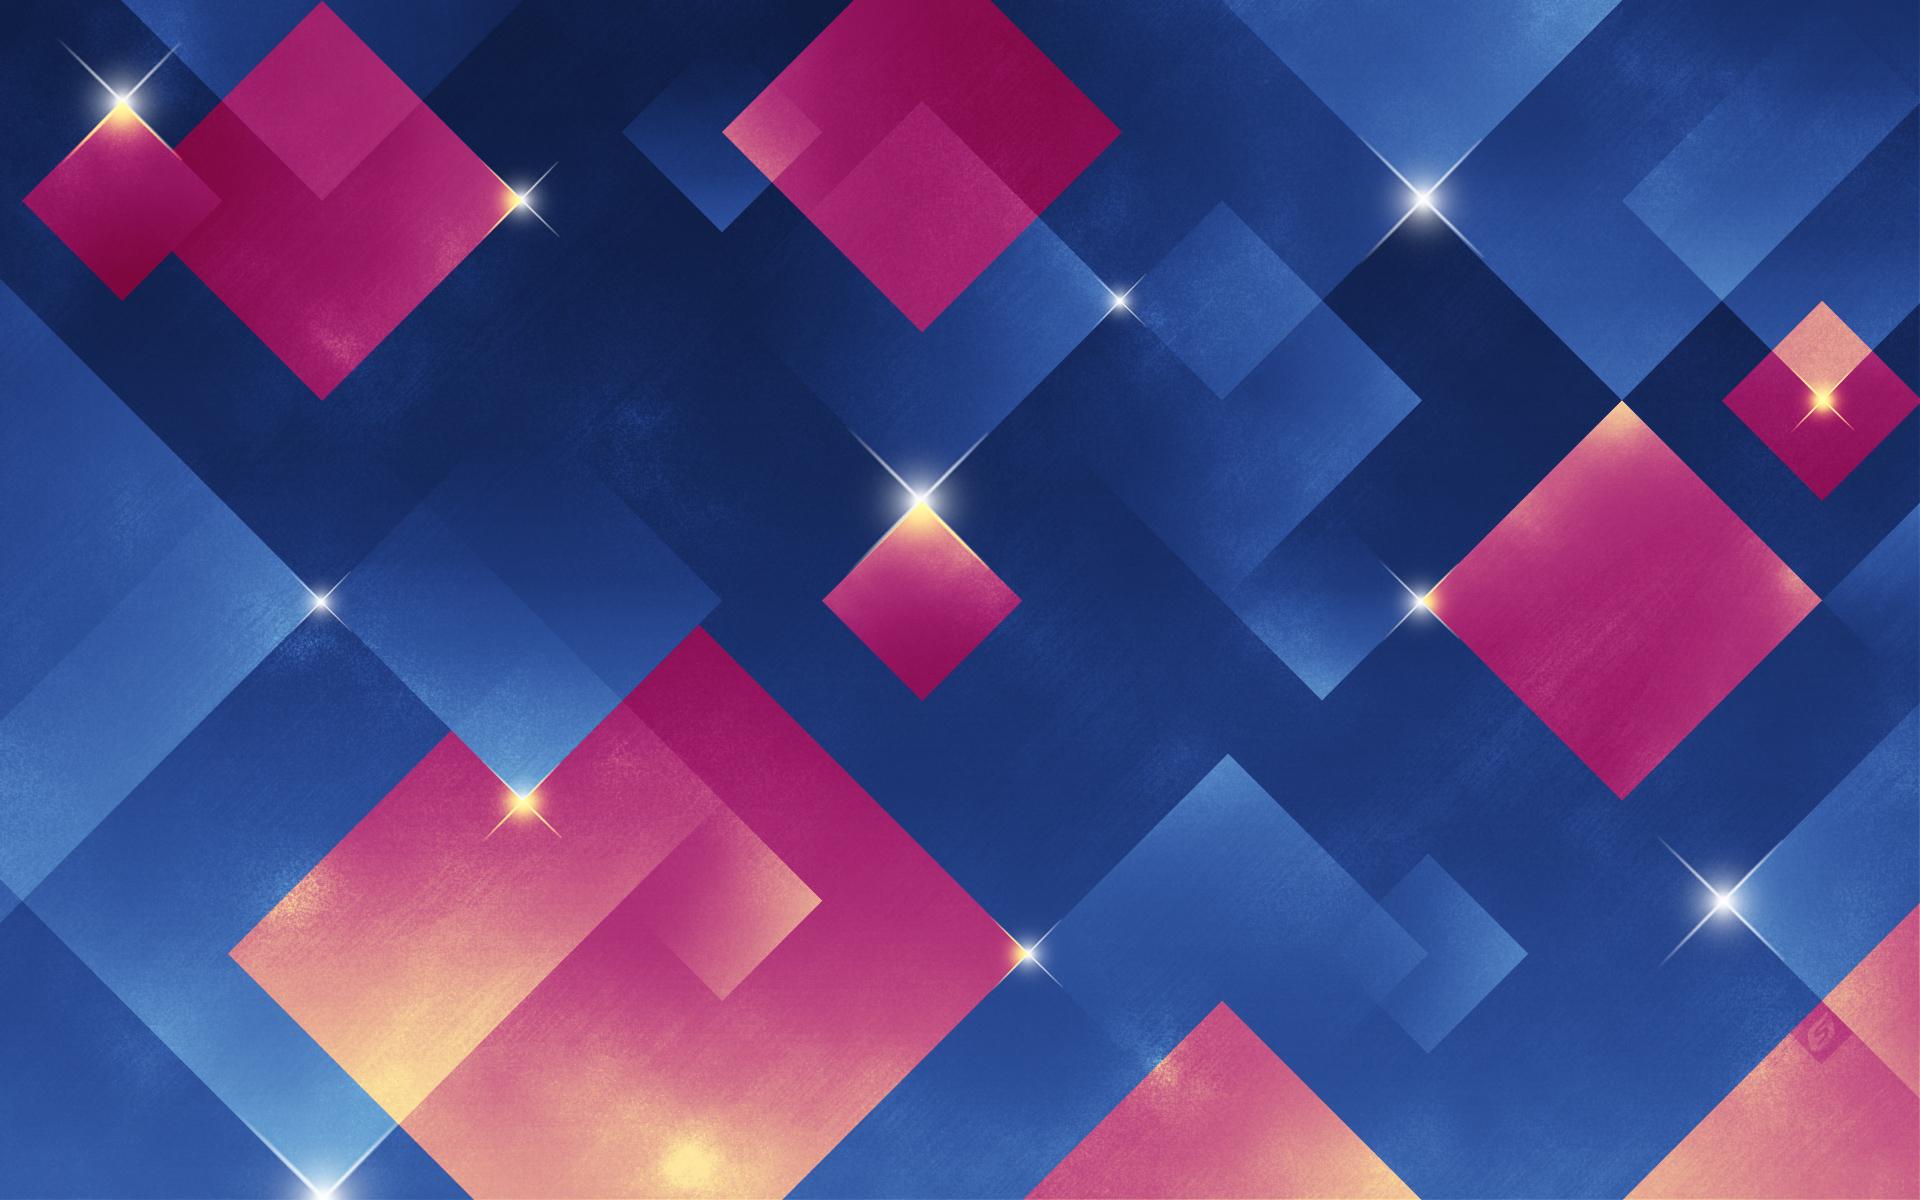 Sparks9282816283 - Sparks - Sparks, Bubbles